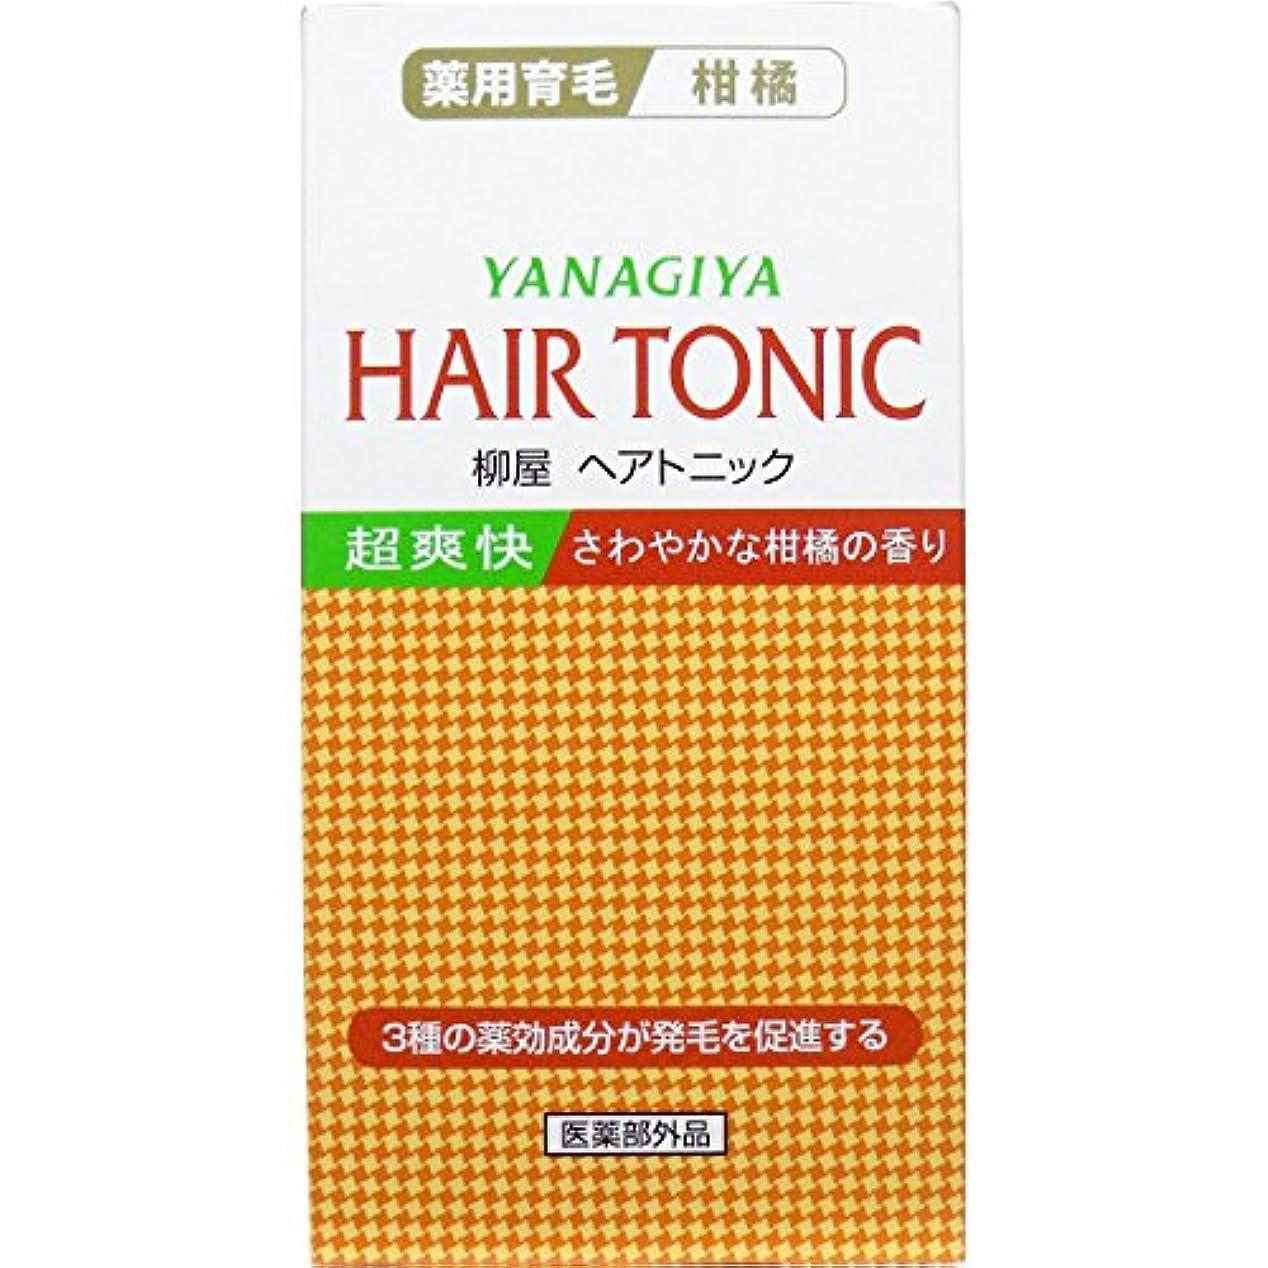 【柳屋本店】ヘアトニック 柑橘 240ml ×3個セット